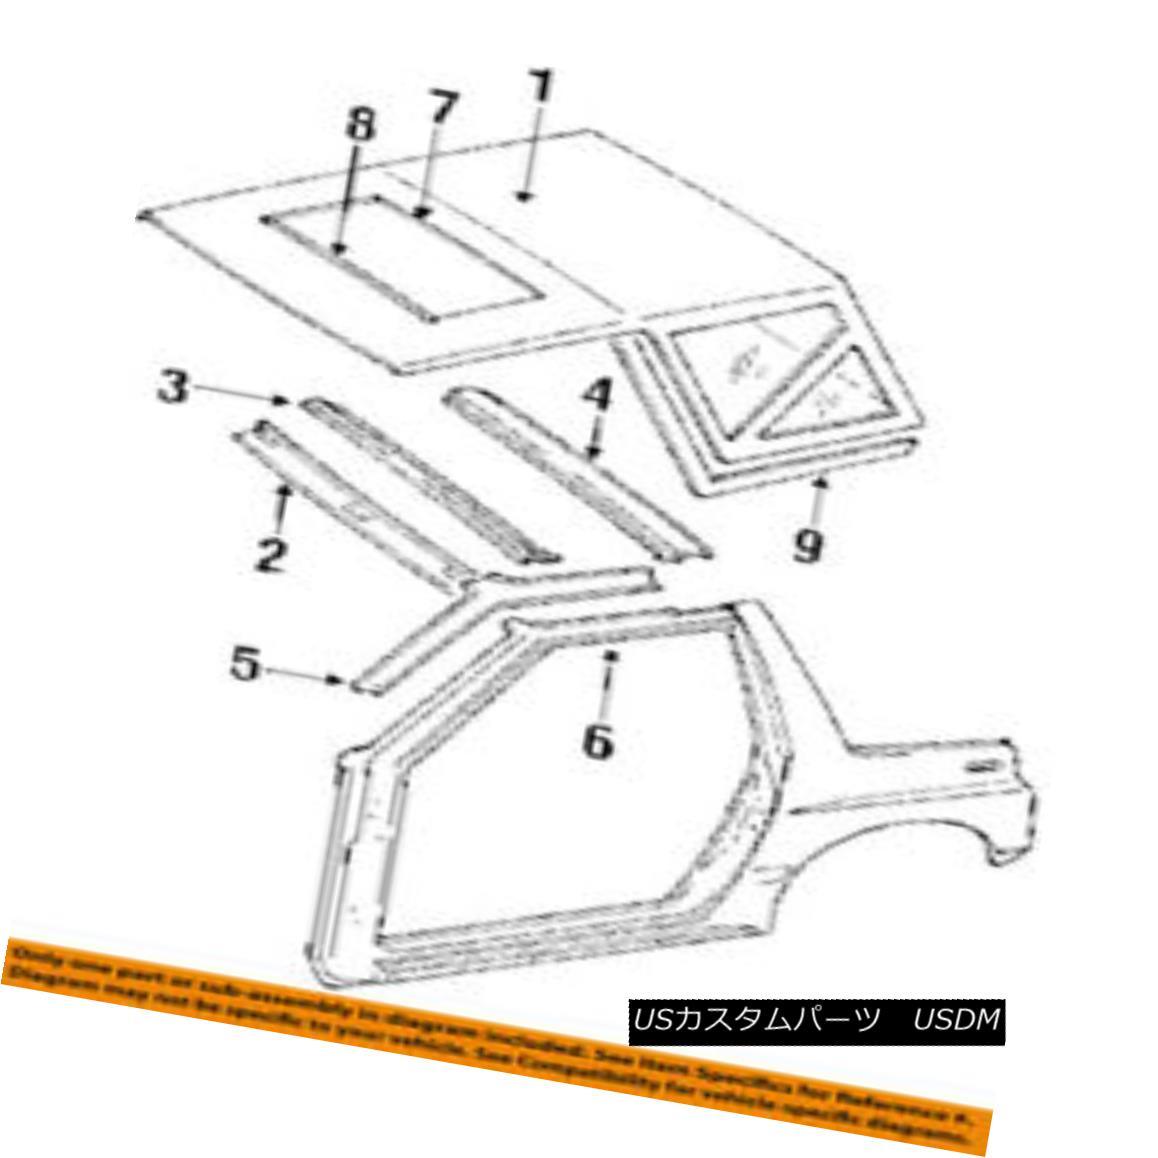 幌・ソフトトップ Geo GM OEM 95-96 Tracker Convertible/soft Top-Weatherstrip Seal Left 30015752 地理的GMのOEM 95-96トラッカー・コンバーチブル/ so ft Top-Weatherstr ip seal left 30015752